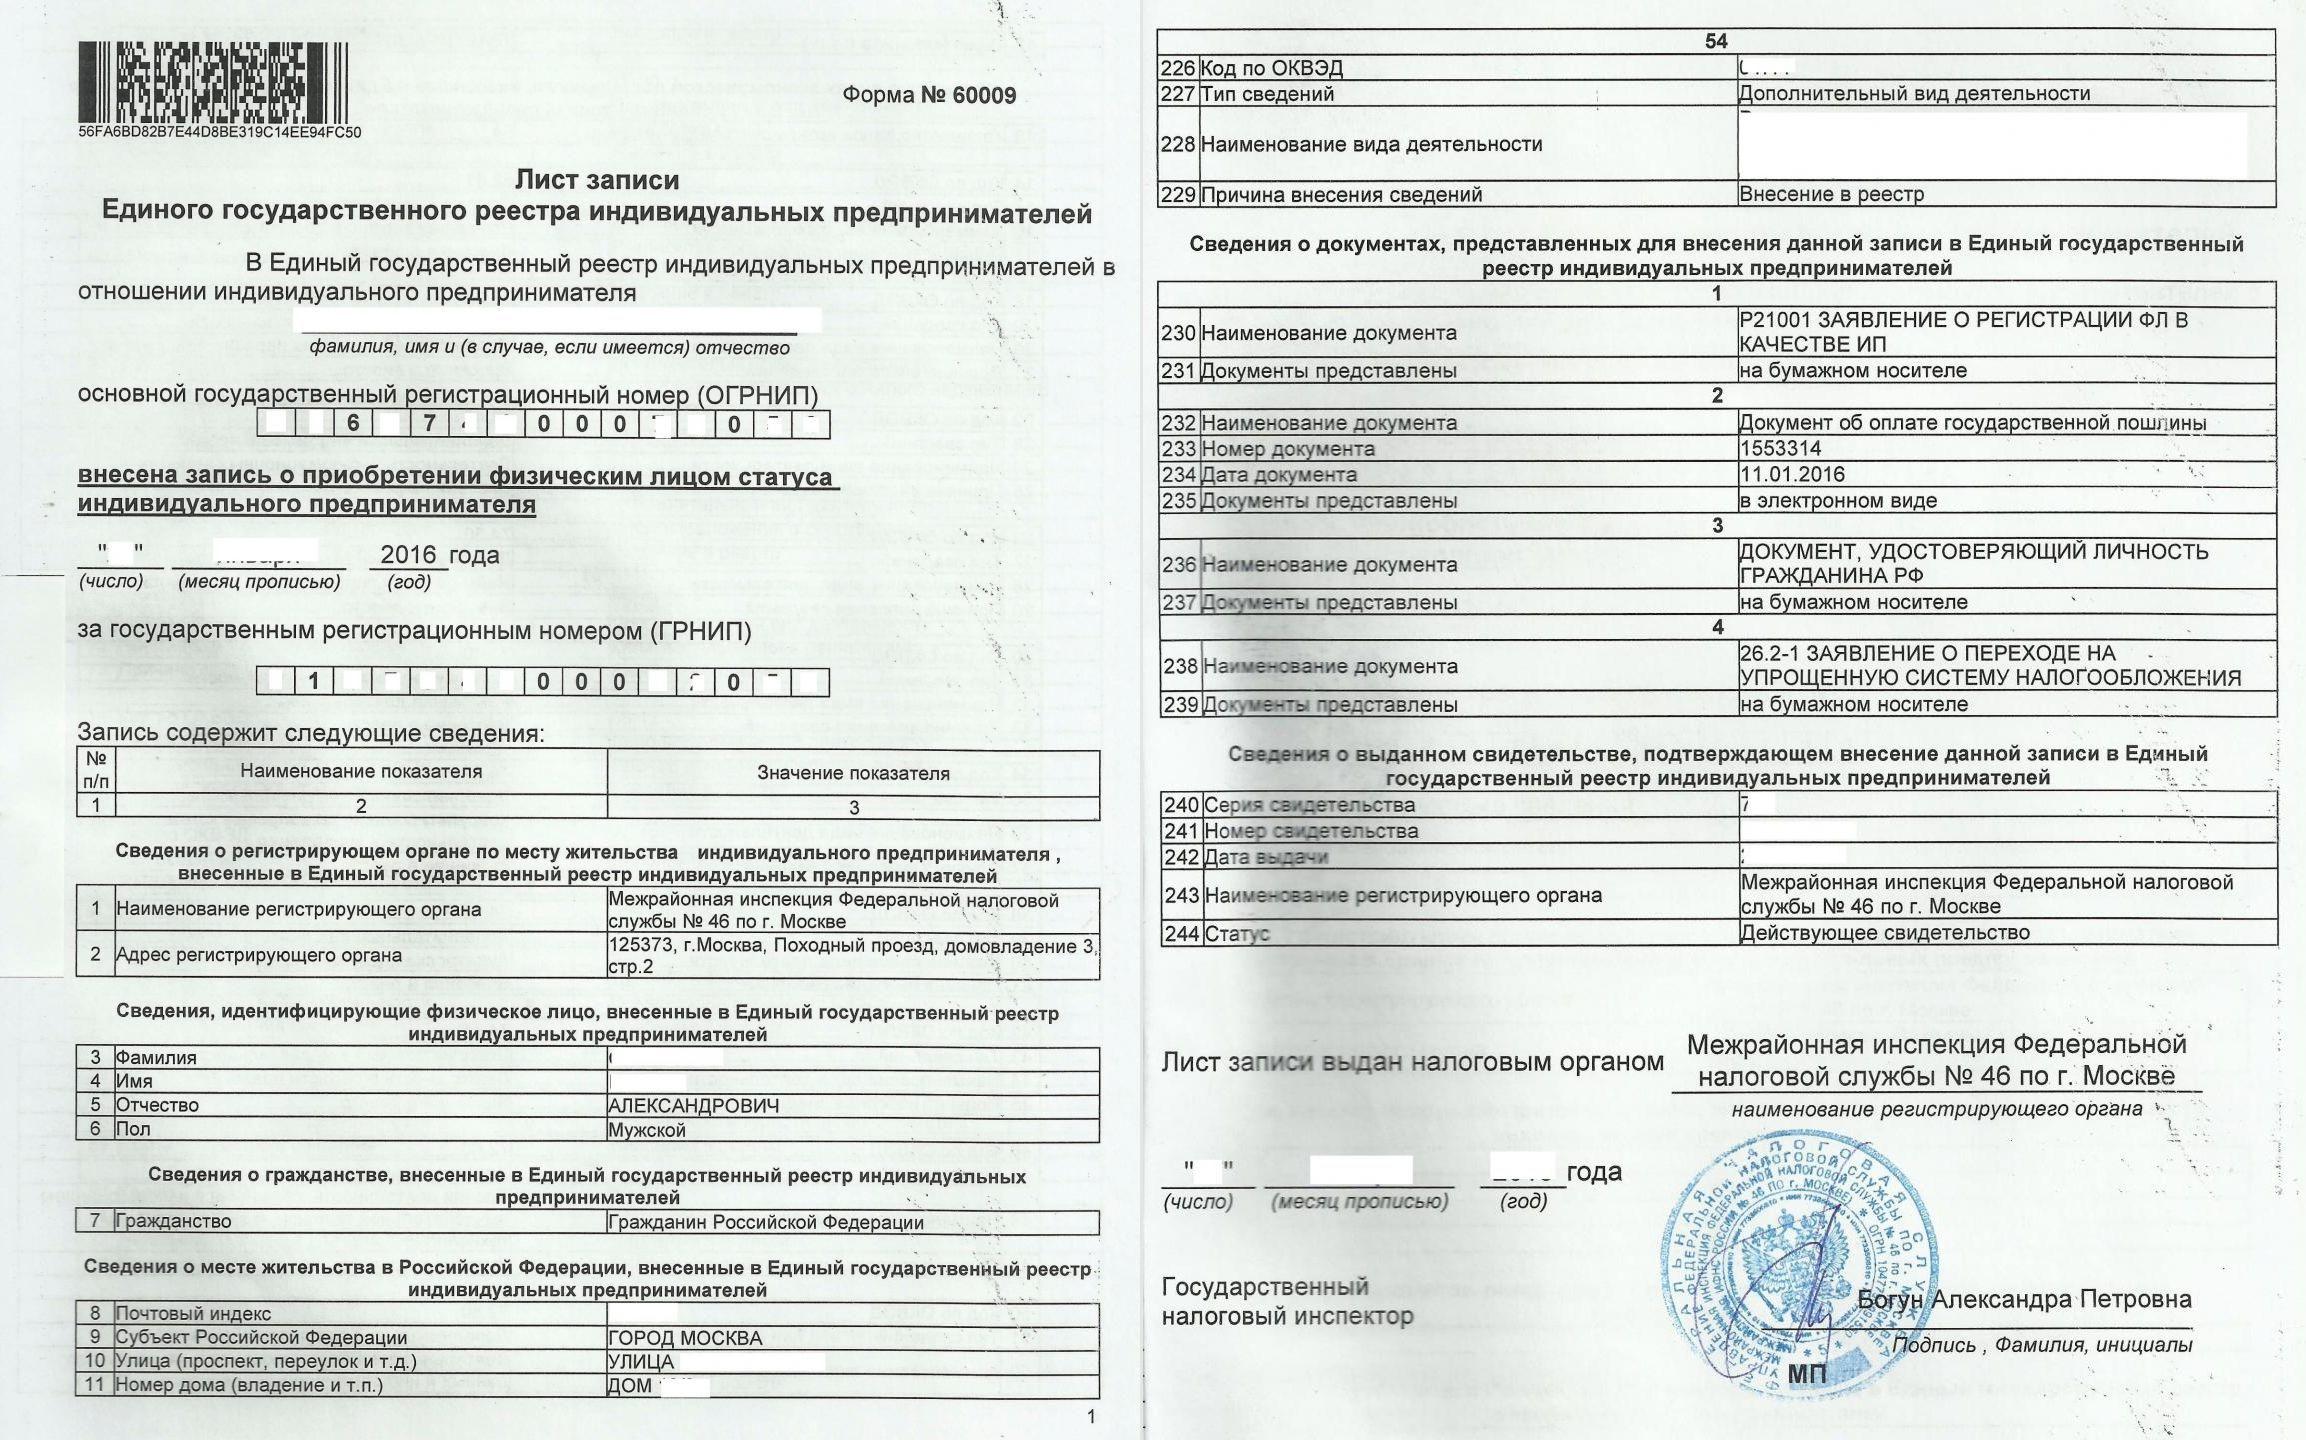 Можно ли сдать документы на регистрацию ип в мфц первичные документы в бухгалтерии